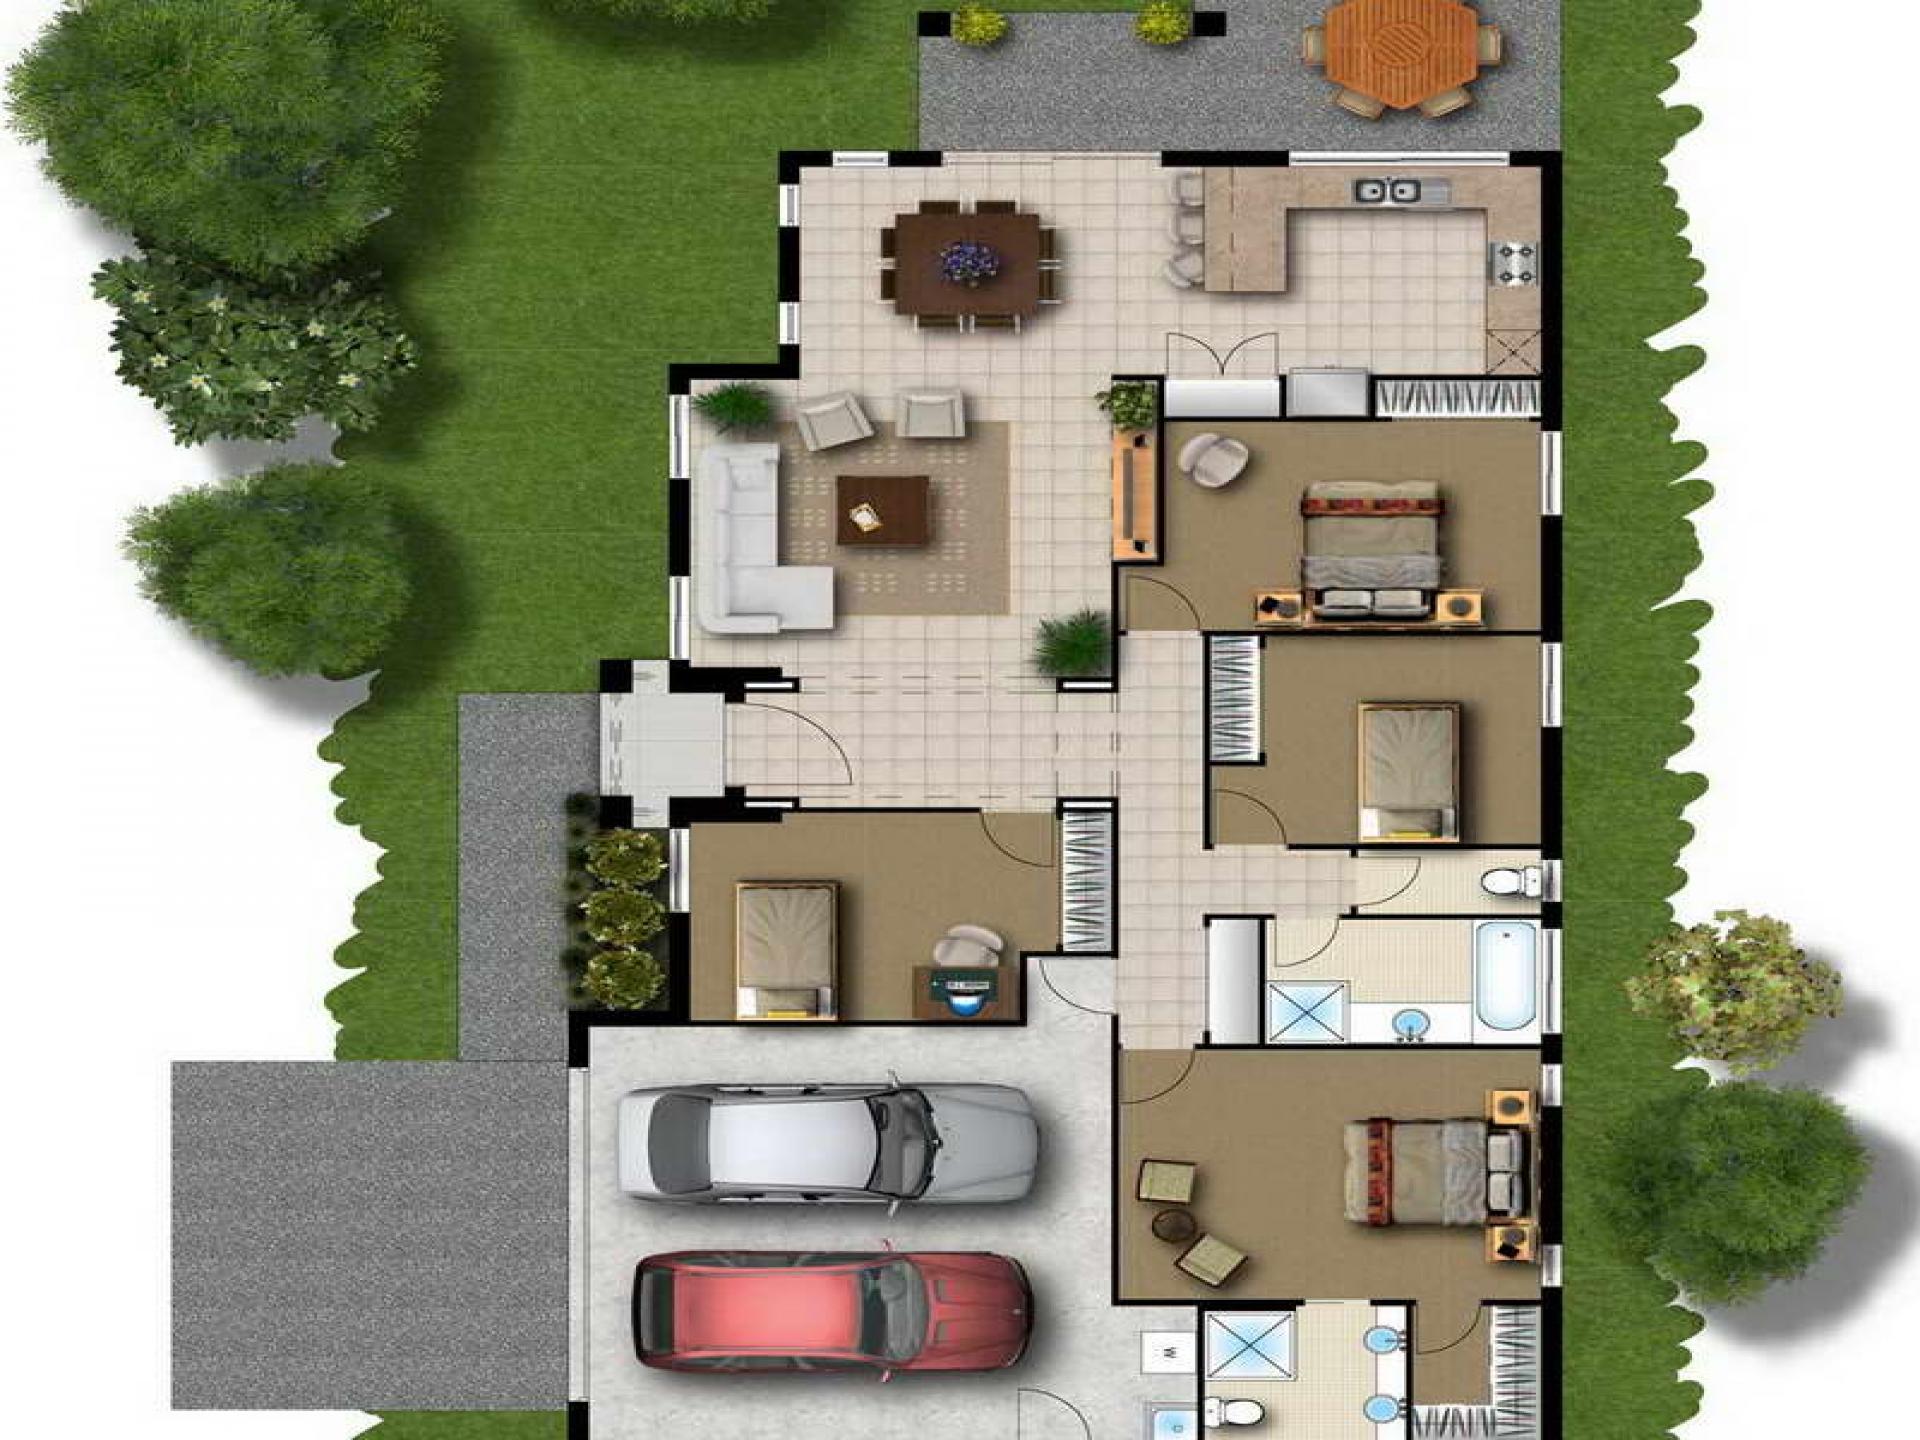 3d floor plan design software free for 3d floor plan design software